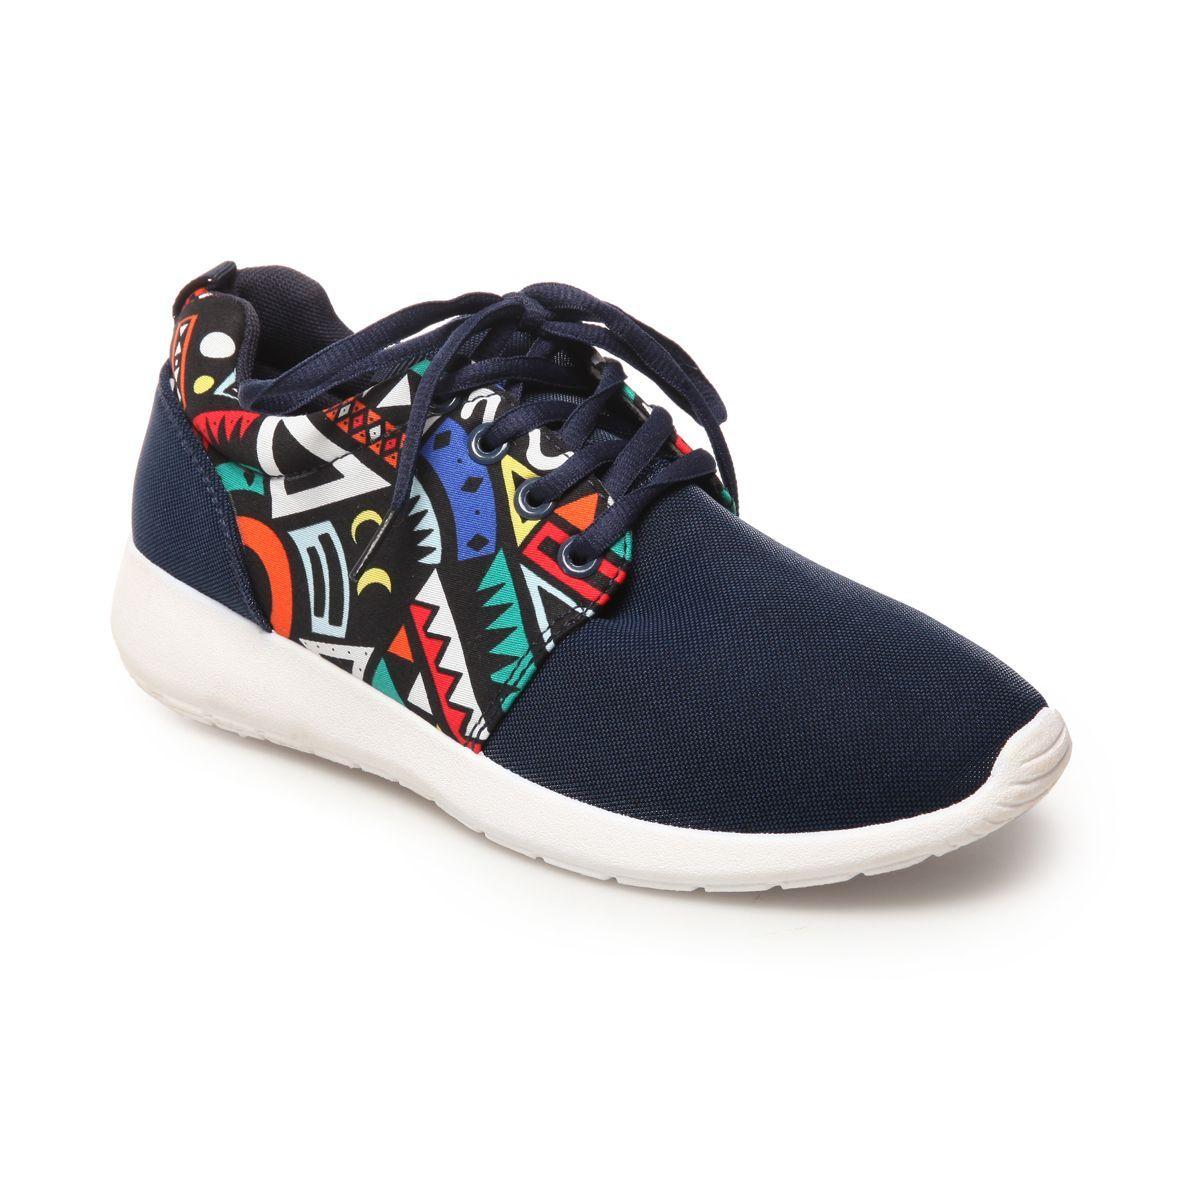 Épinglé par La Modeuse sur La Modeuse ♥ Les baskets    Sneakers ... d373d5f7fffb